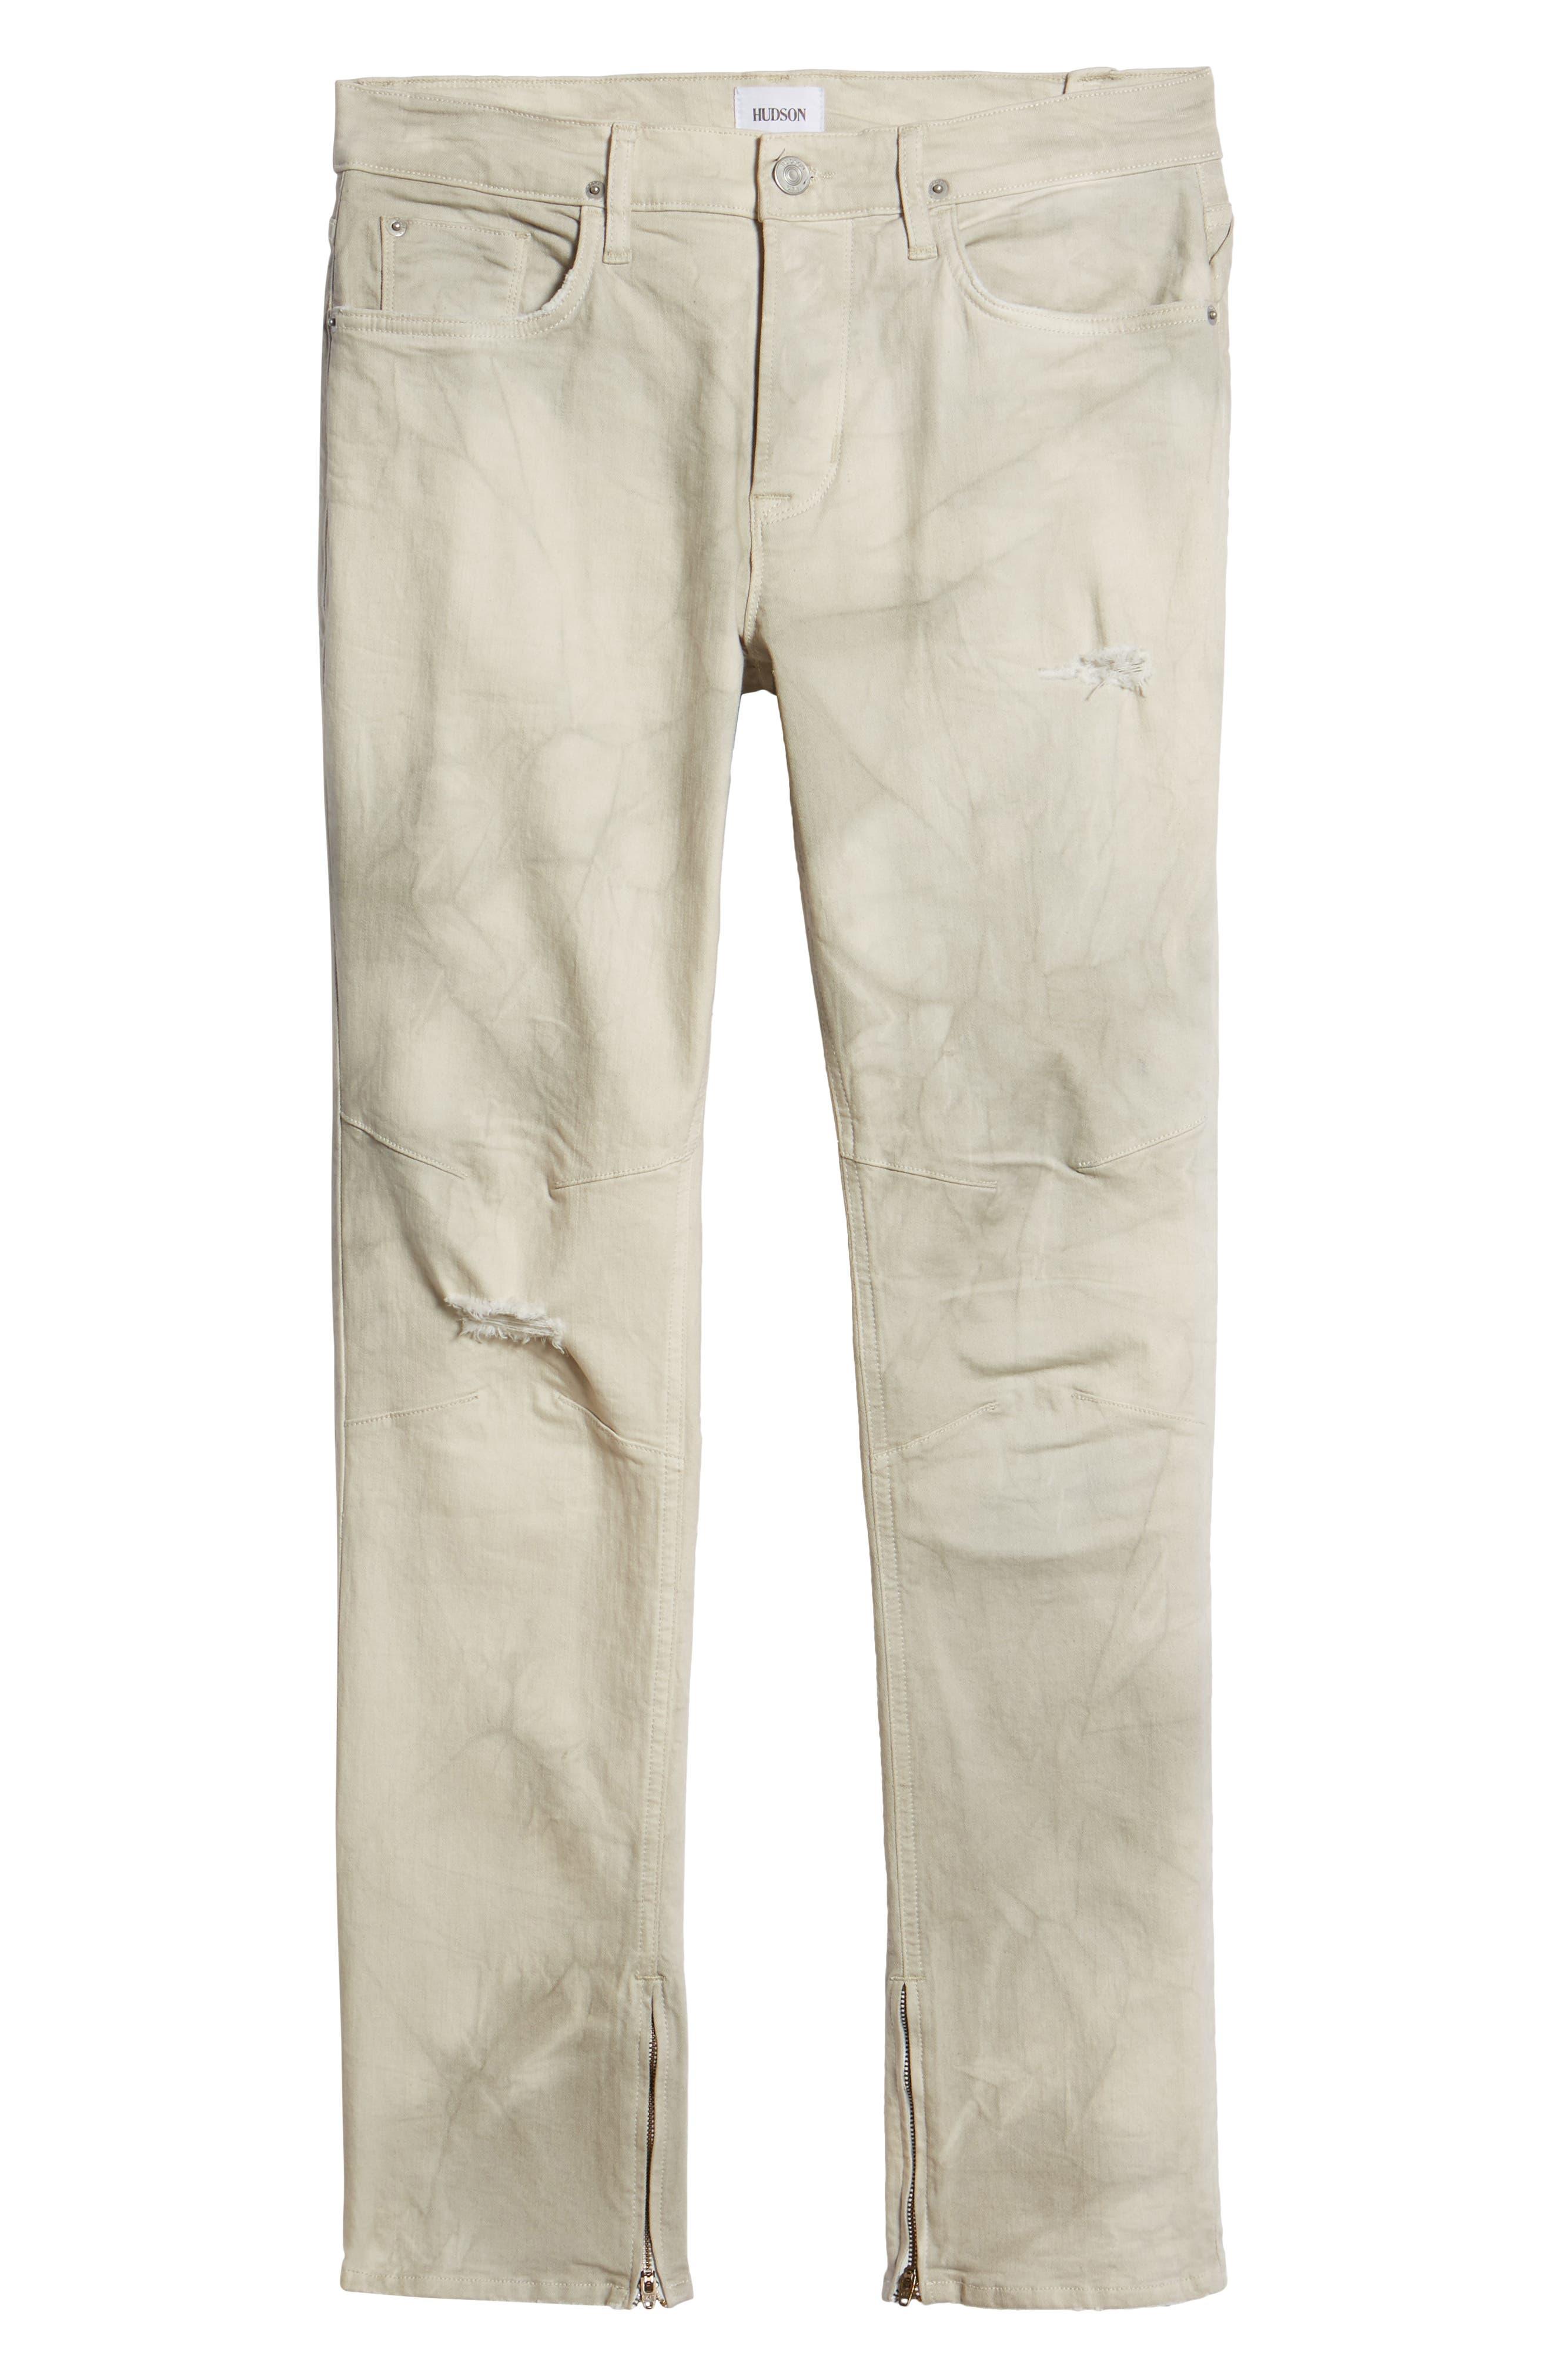 Vaughn Biker Skinny Fit Jeans,                             Alternate thumbnail 6, color,                             250